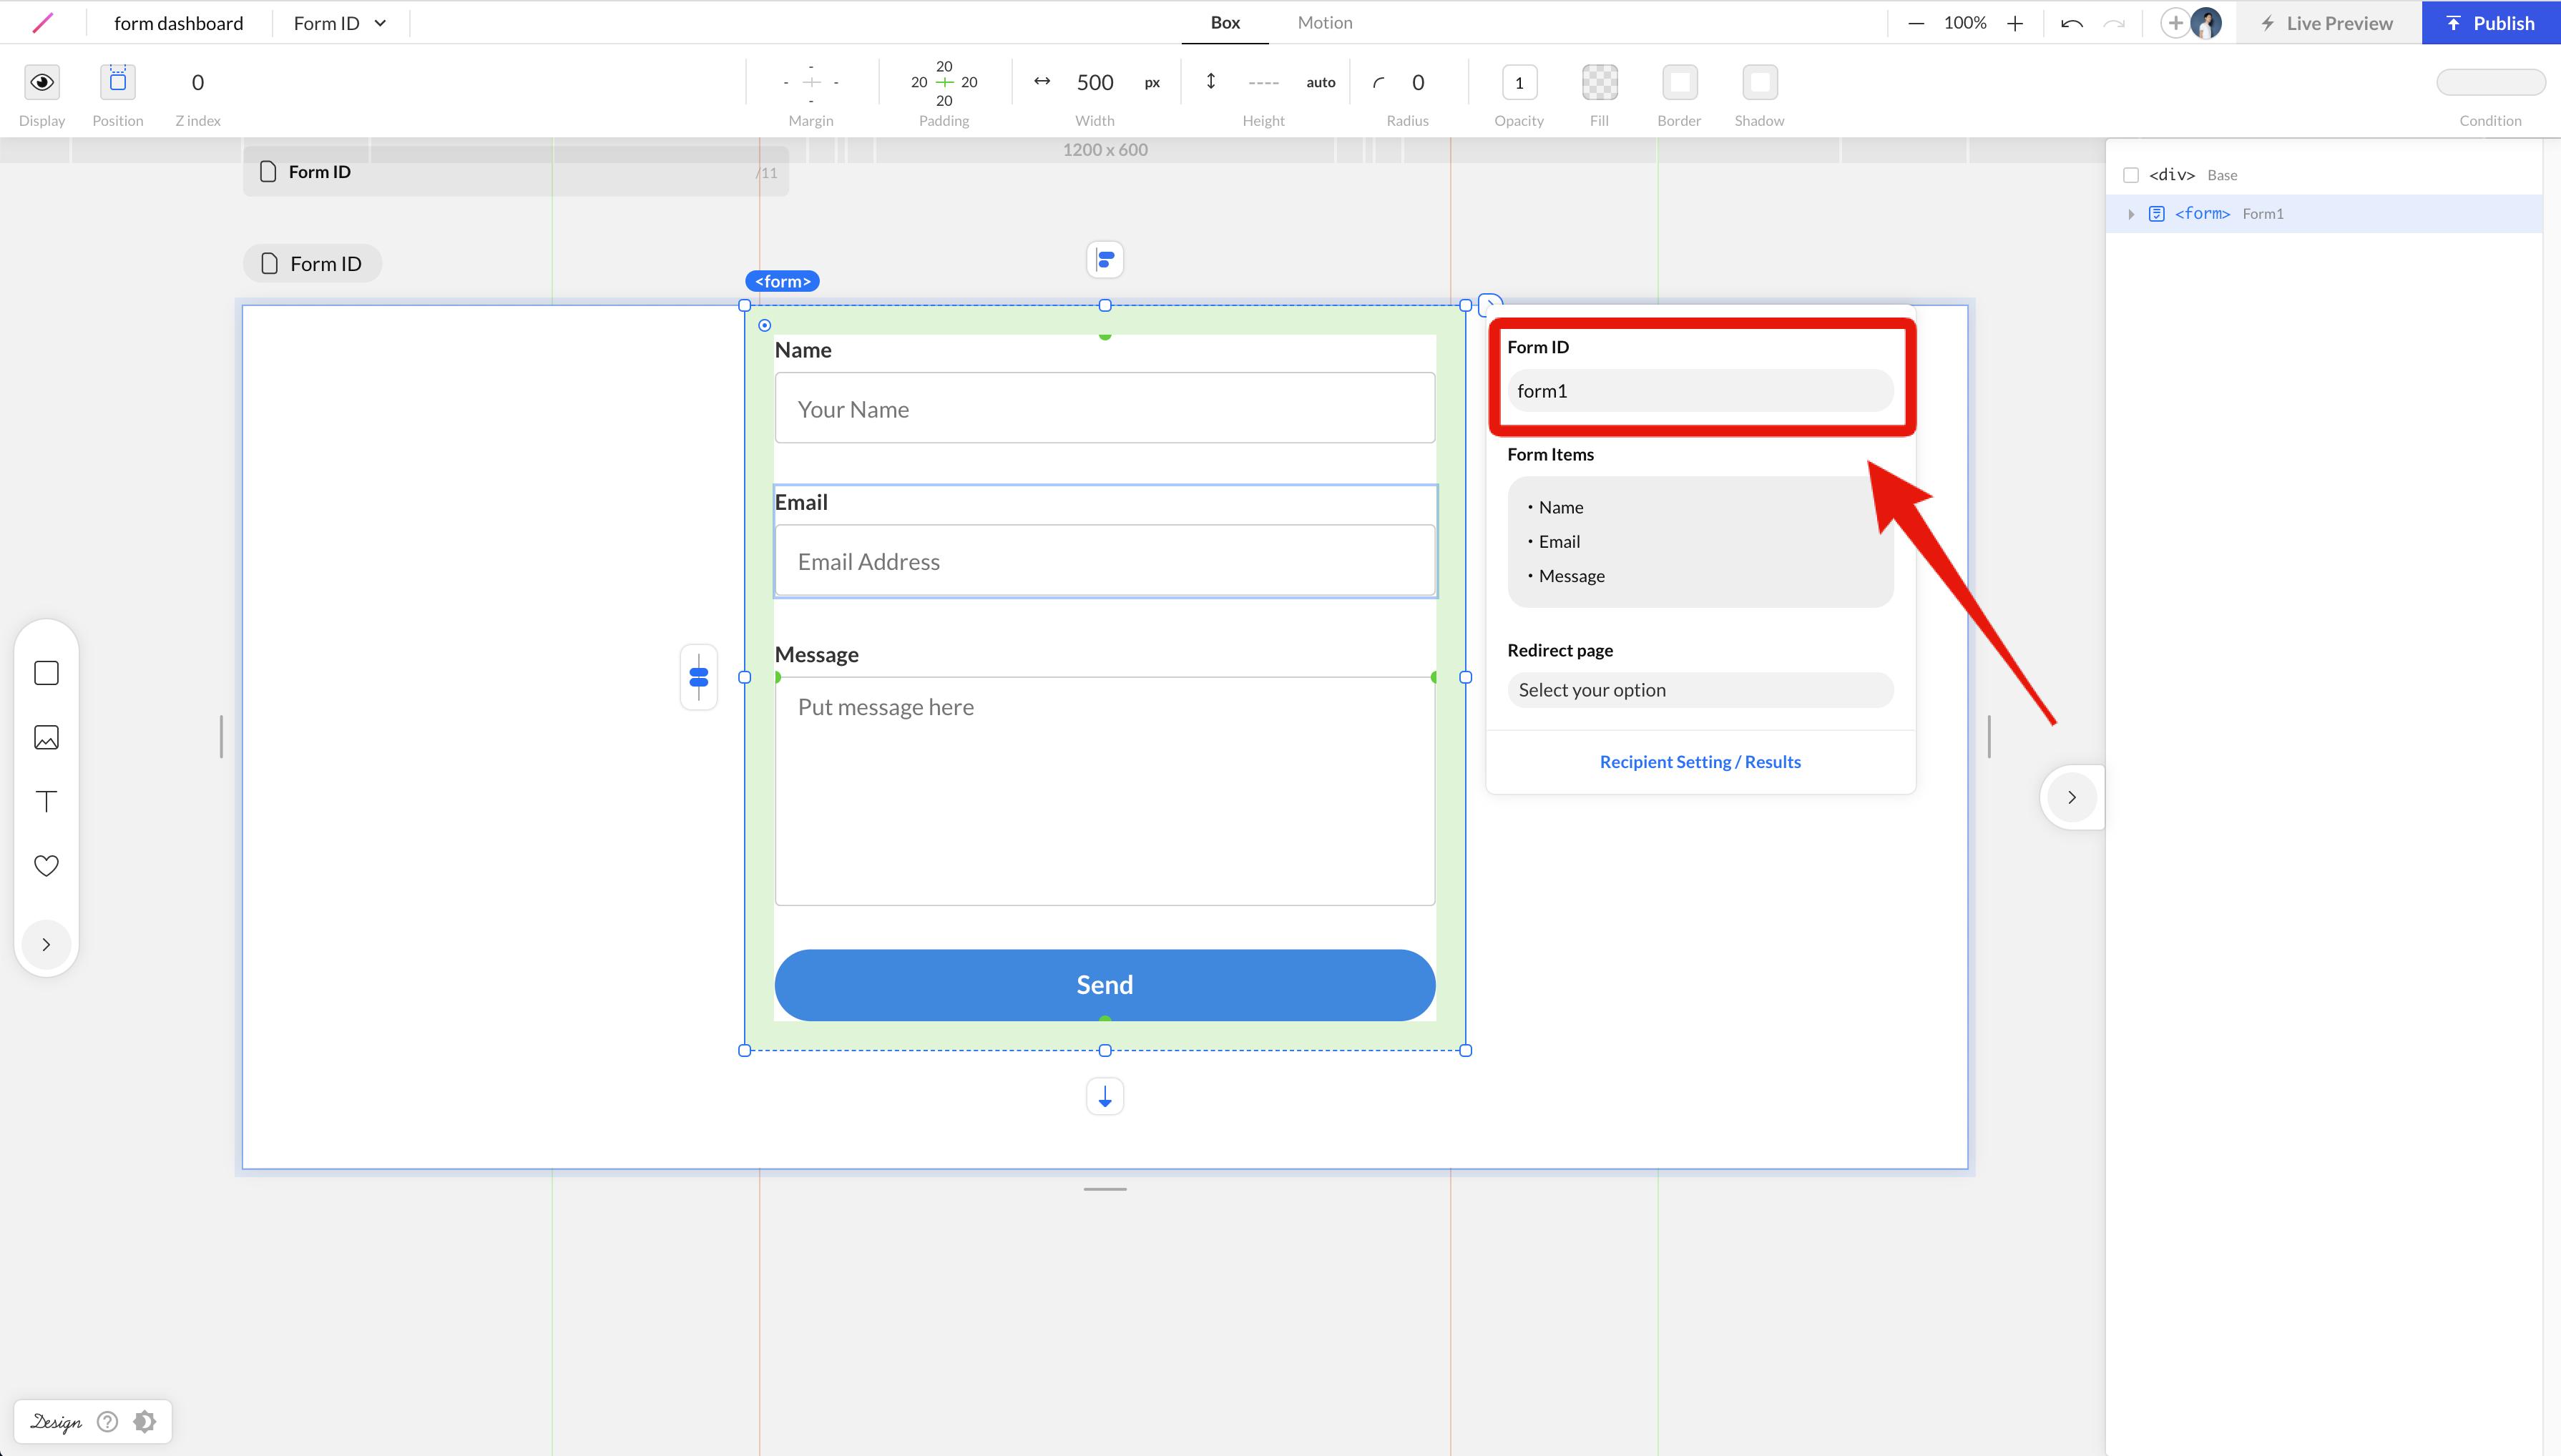 デザインエディタで設定するフォームID